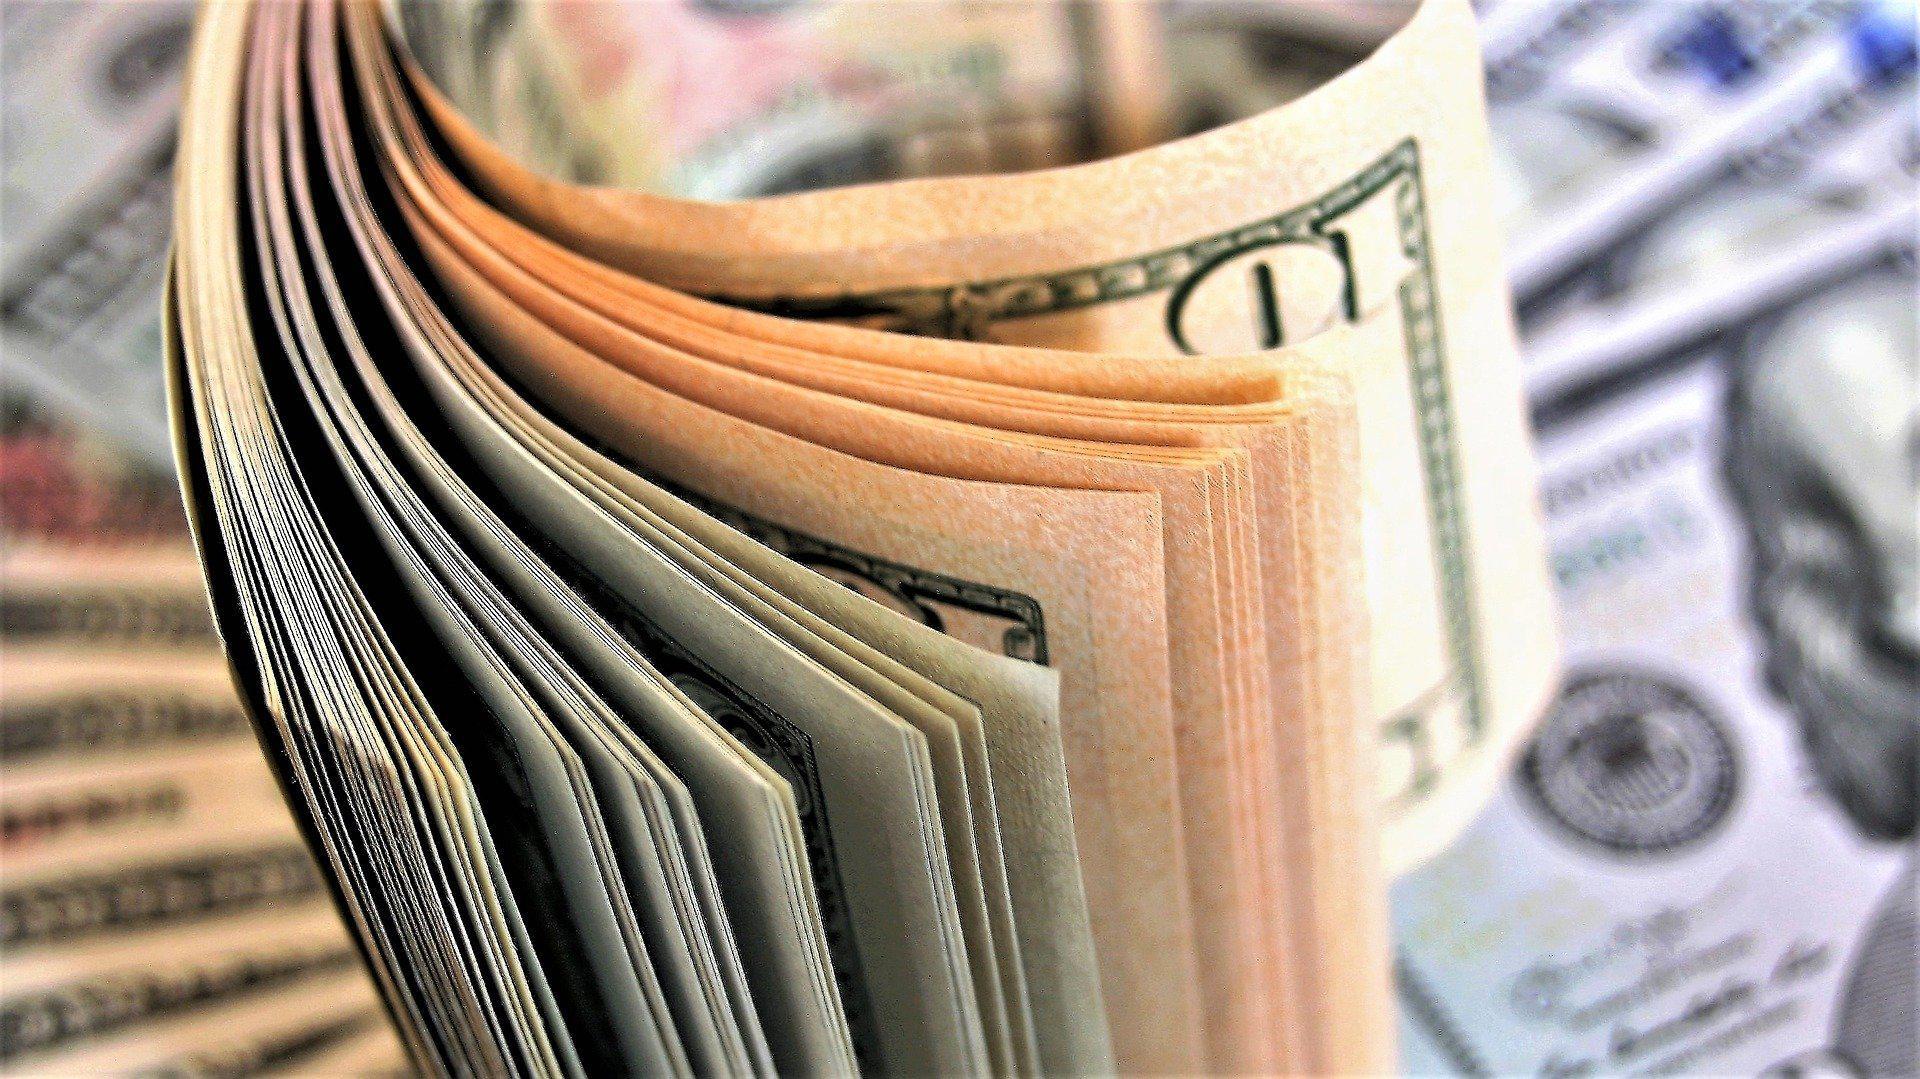 Уточнен порядок размещения ценных бумаг путем закрытой подписки и особенности эмиссии российских депозитарных расписок